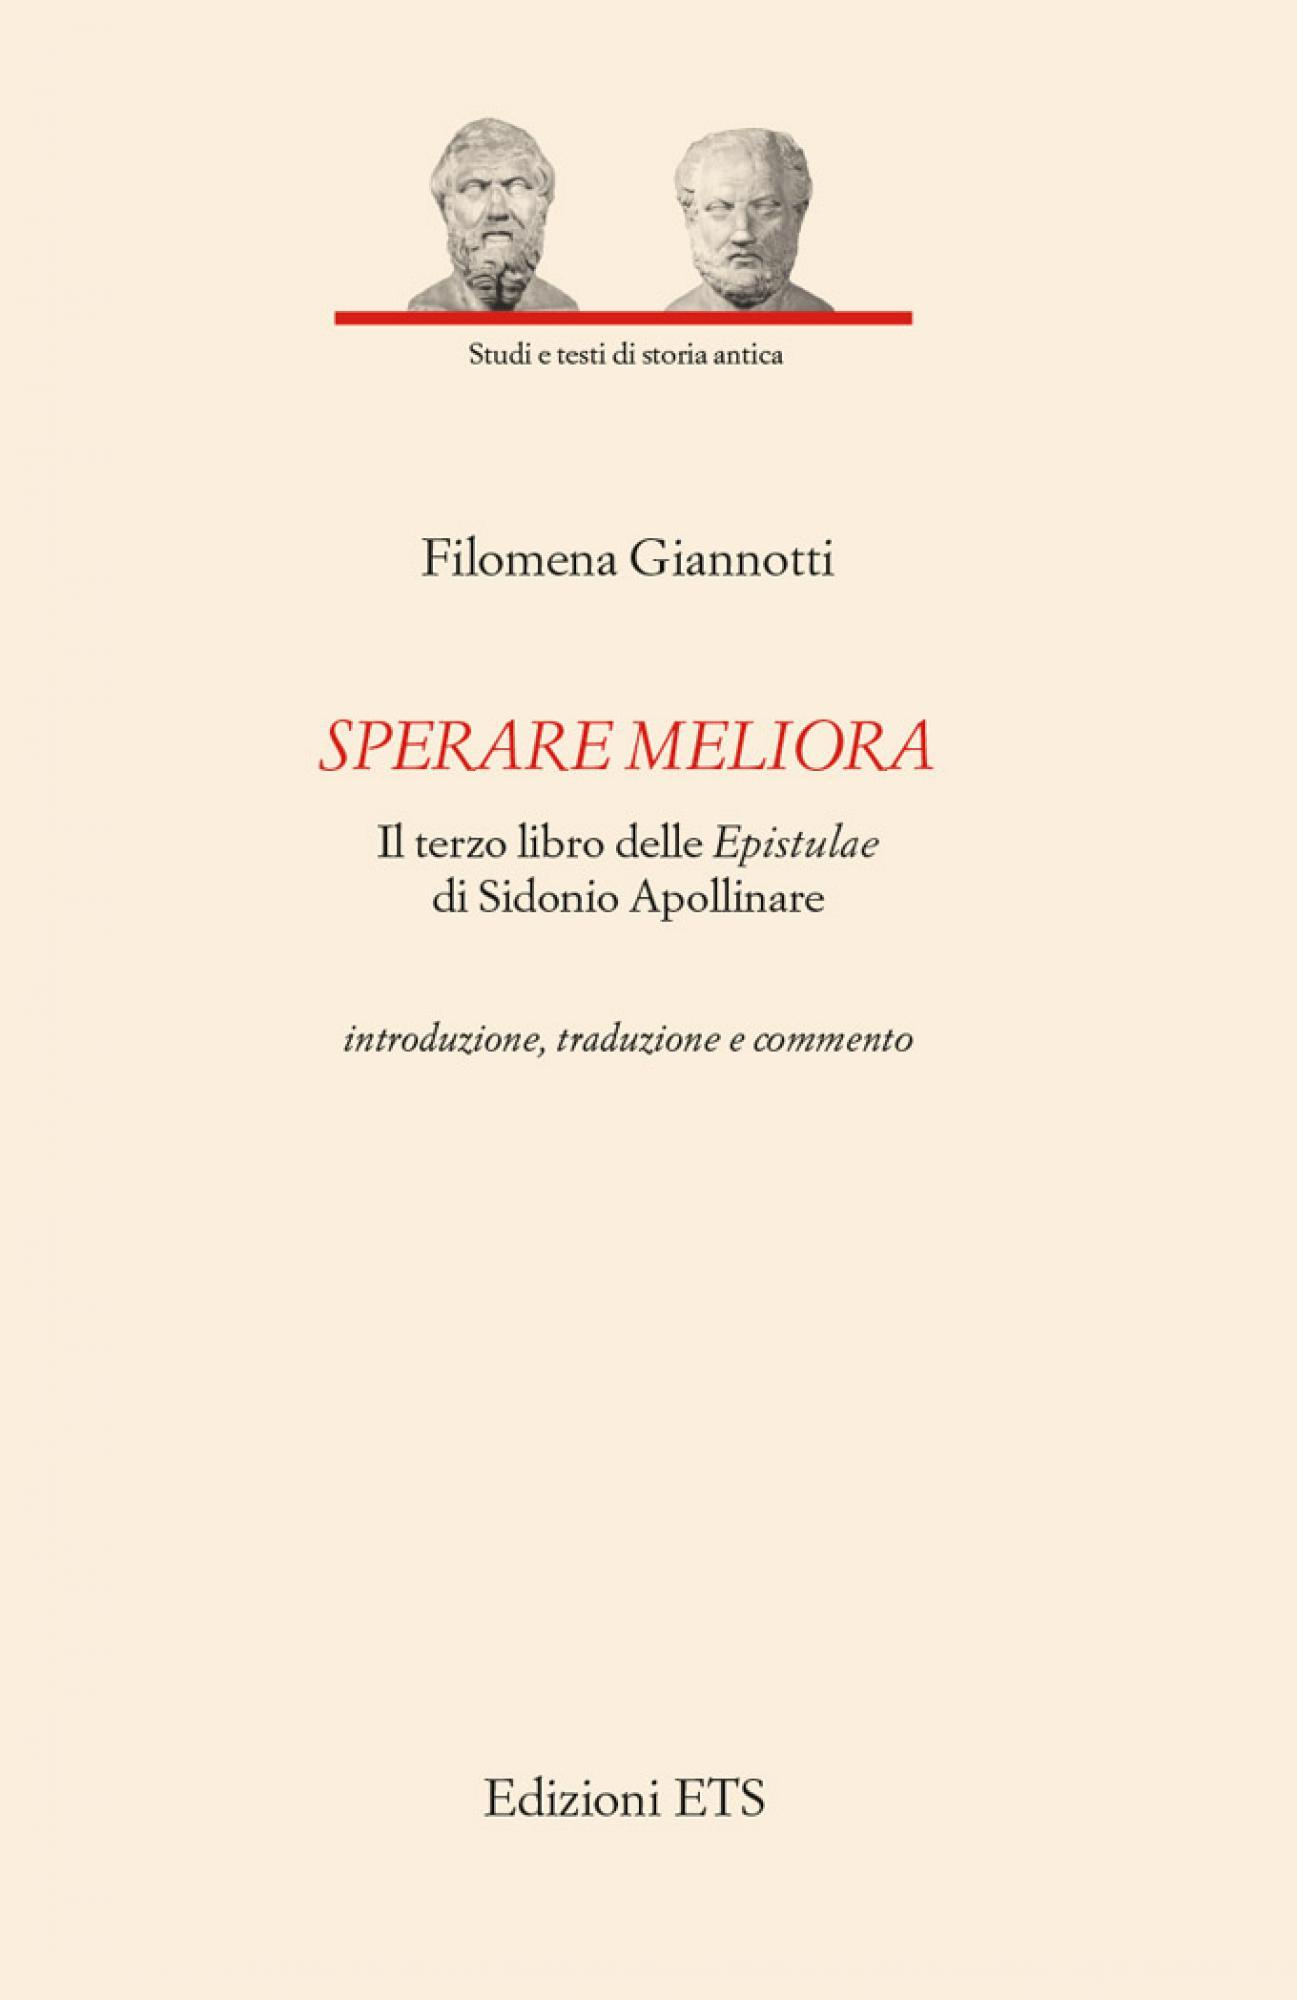 Sperare Meliora.Il terzo libro delle Epistulaedi Sidonio Apollinare - introduzione, traduzione e commento